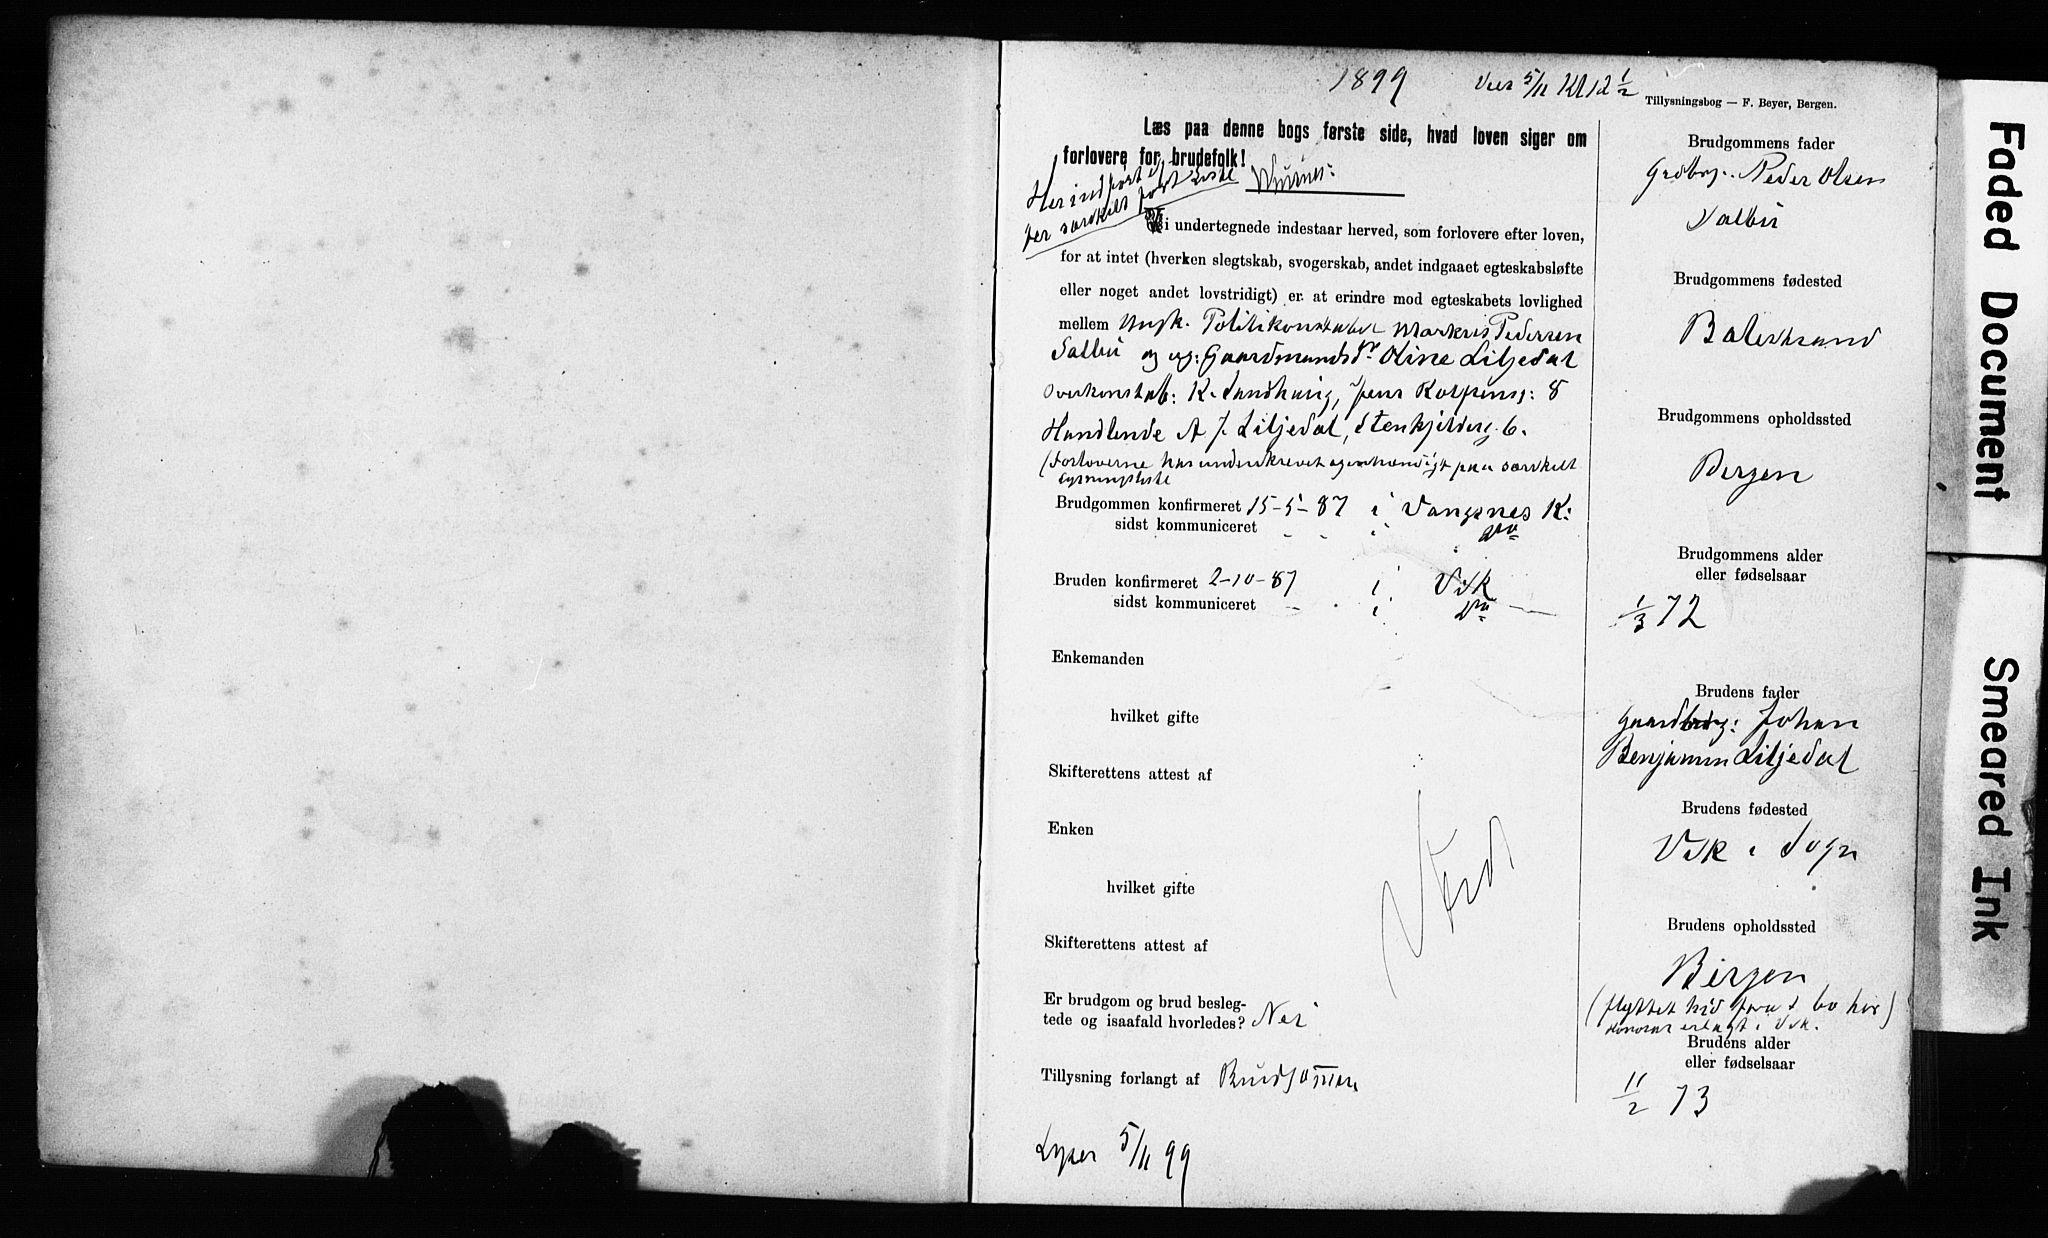 SAB, Domkirken Sokneprestembete, Forlovererklæringer nr. II.5.11, 1899-1910, s. 3